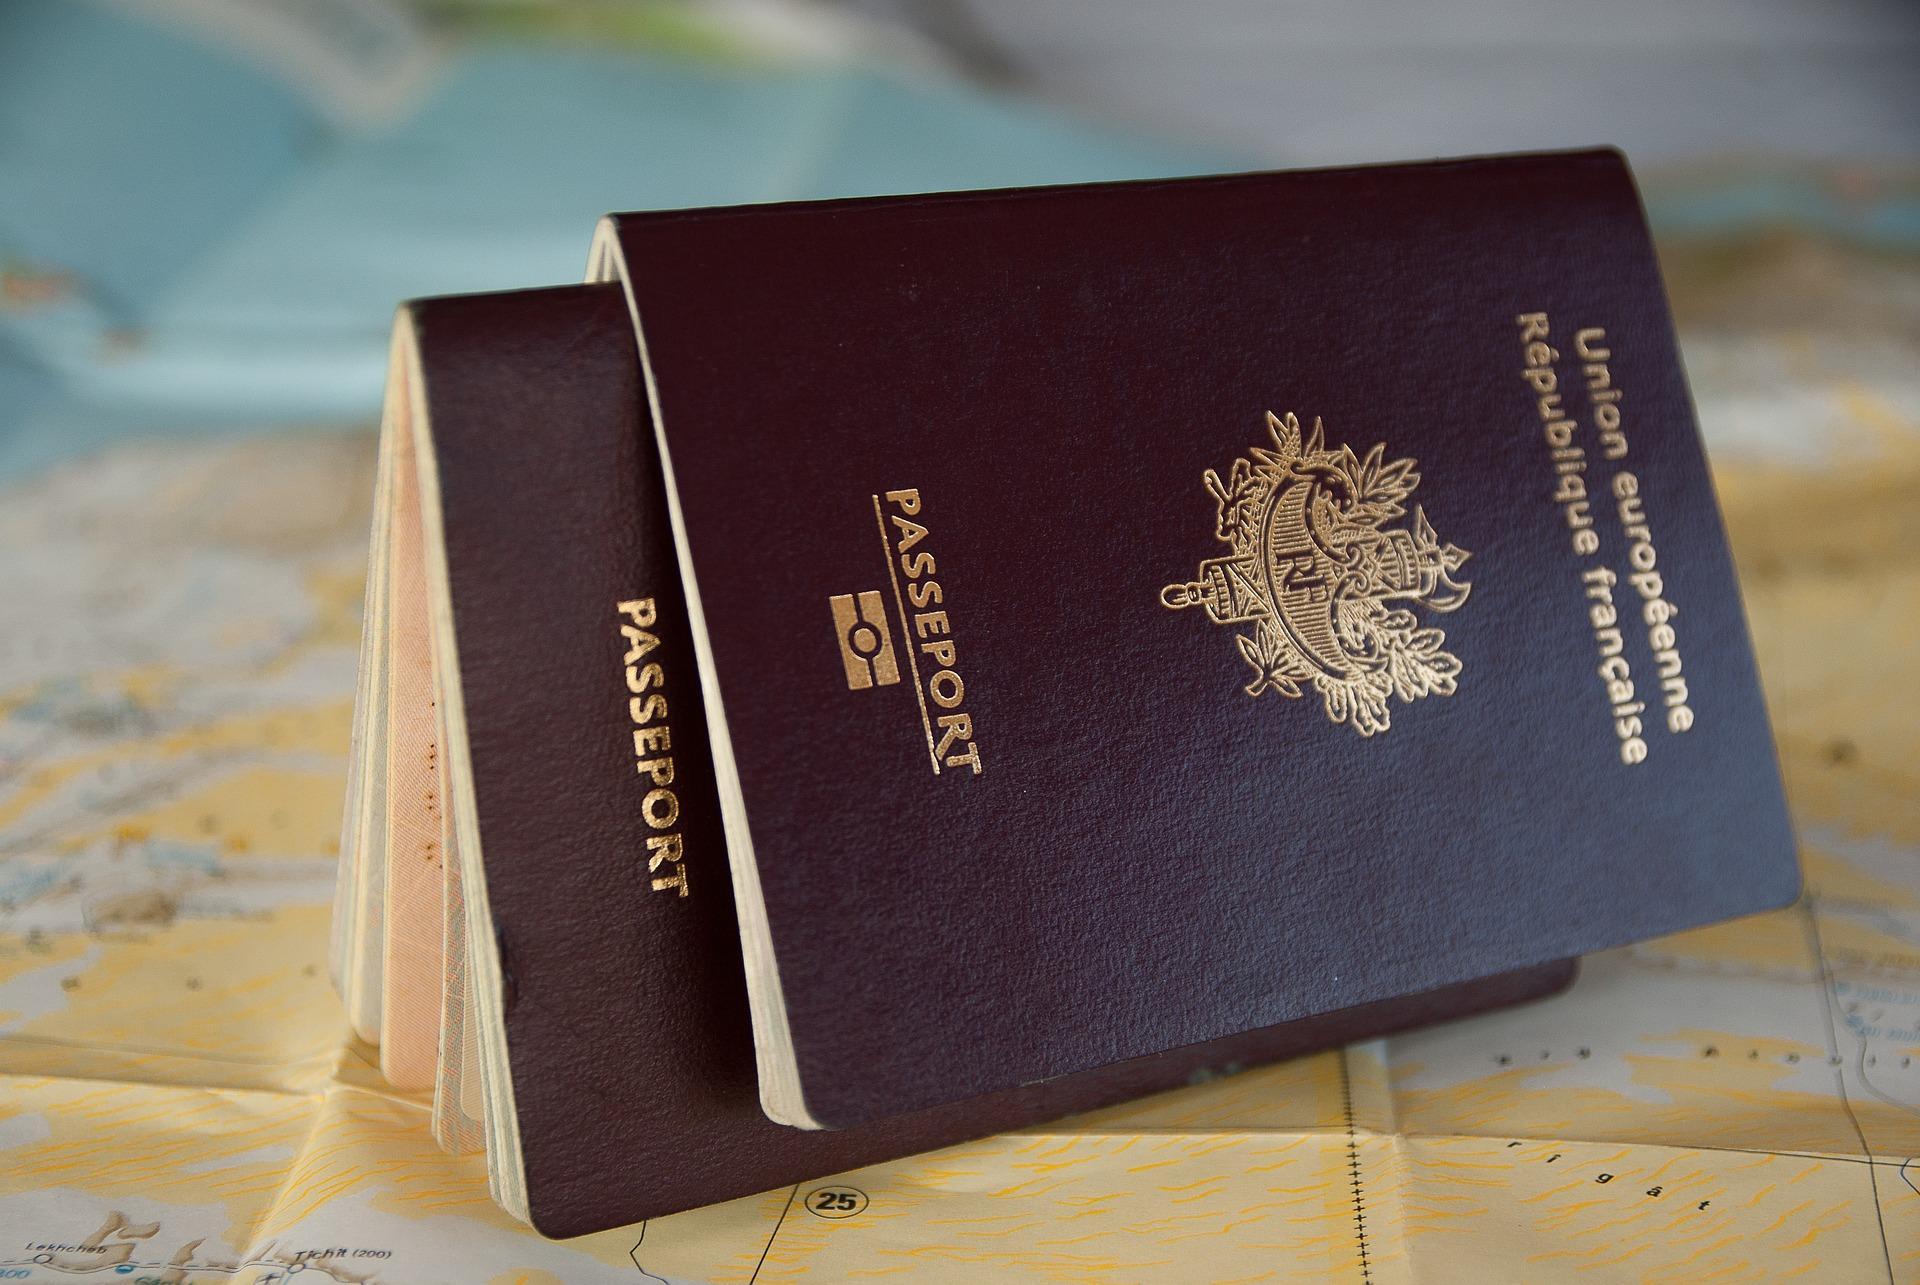 Brüssel-Ia-VO - und die internationale gerichtliche Zuständigkeit aufgrund eines Handelsbrauchs